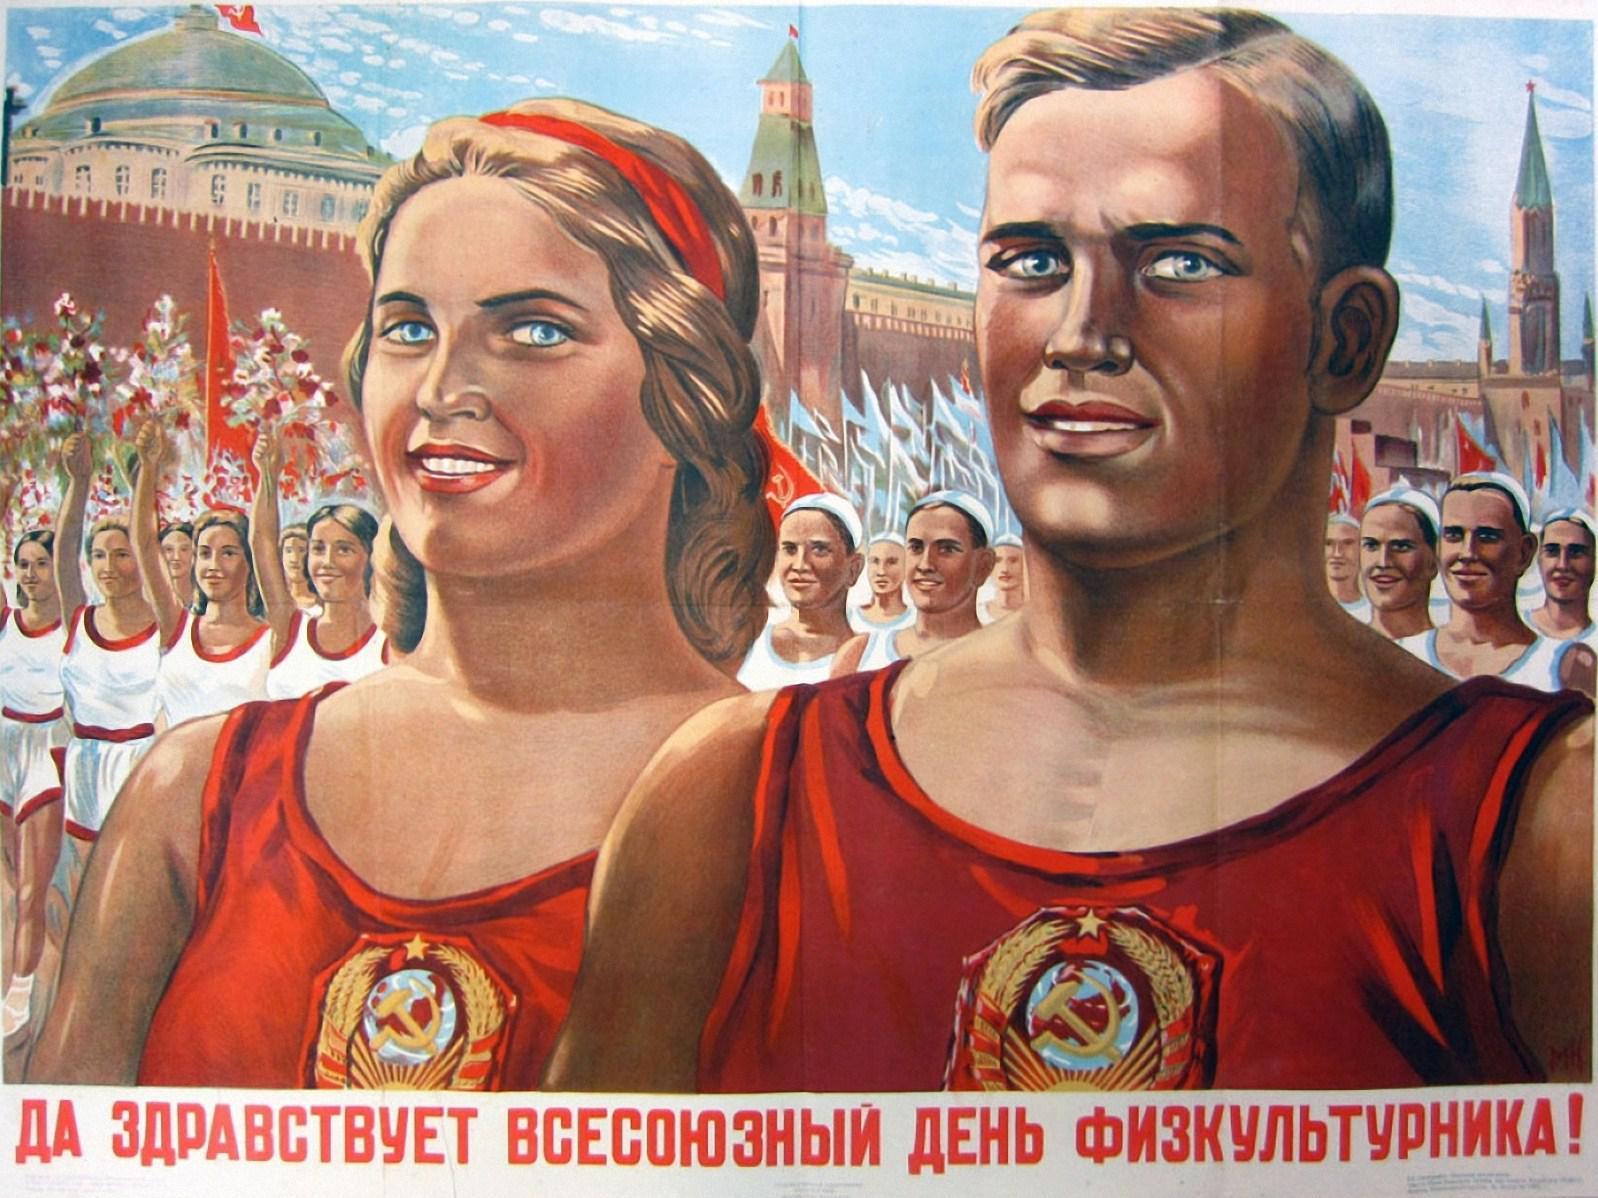 苏联的体育宣传画